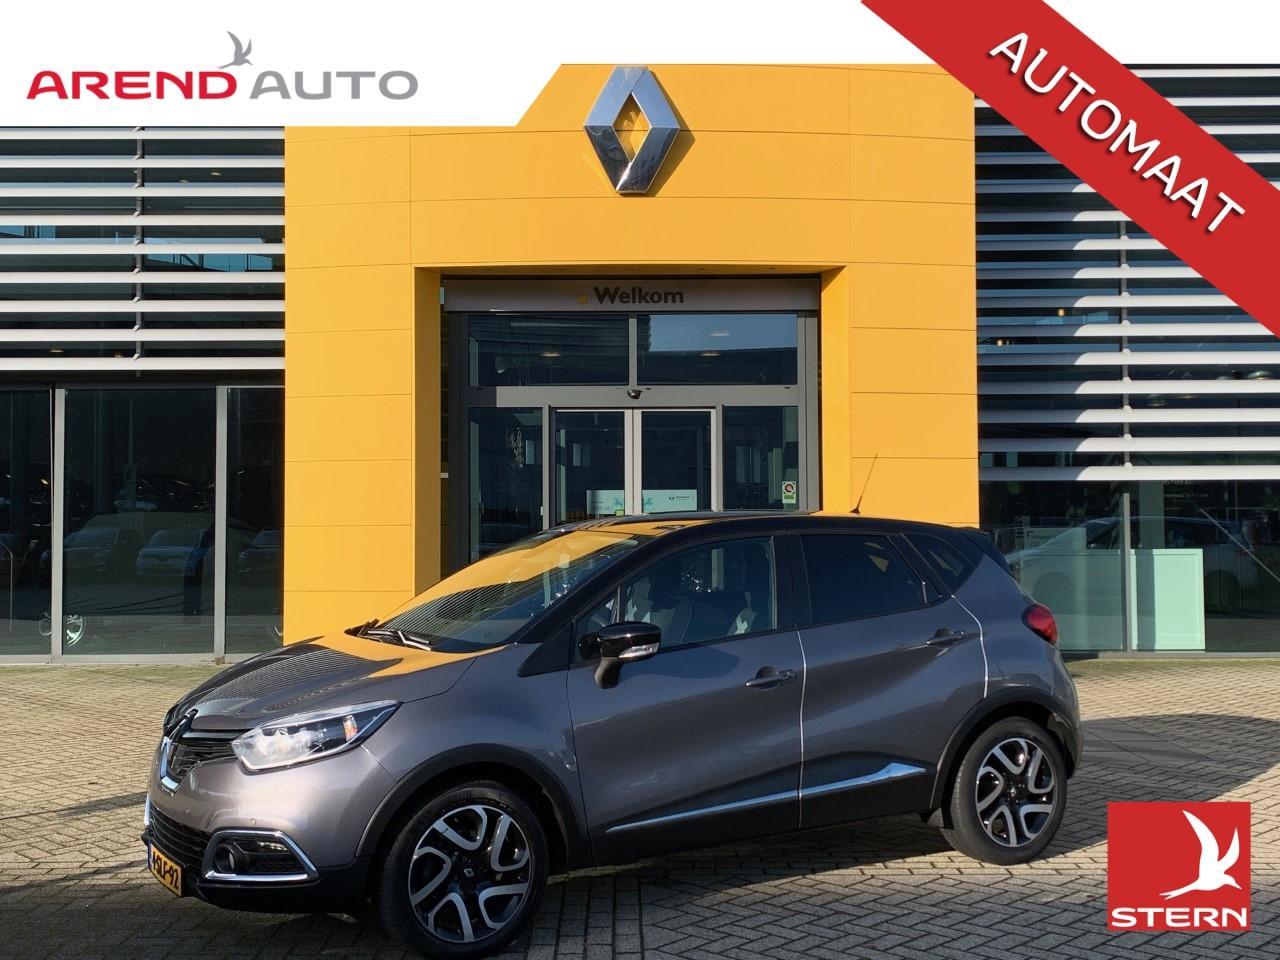 Renault Captur Tce 120 edc dynamique / automaat / parkeersensoren